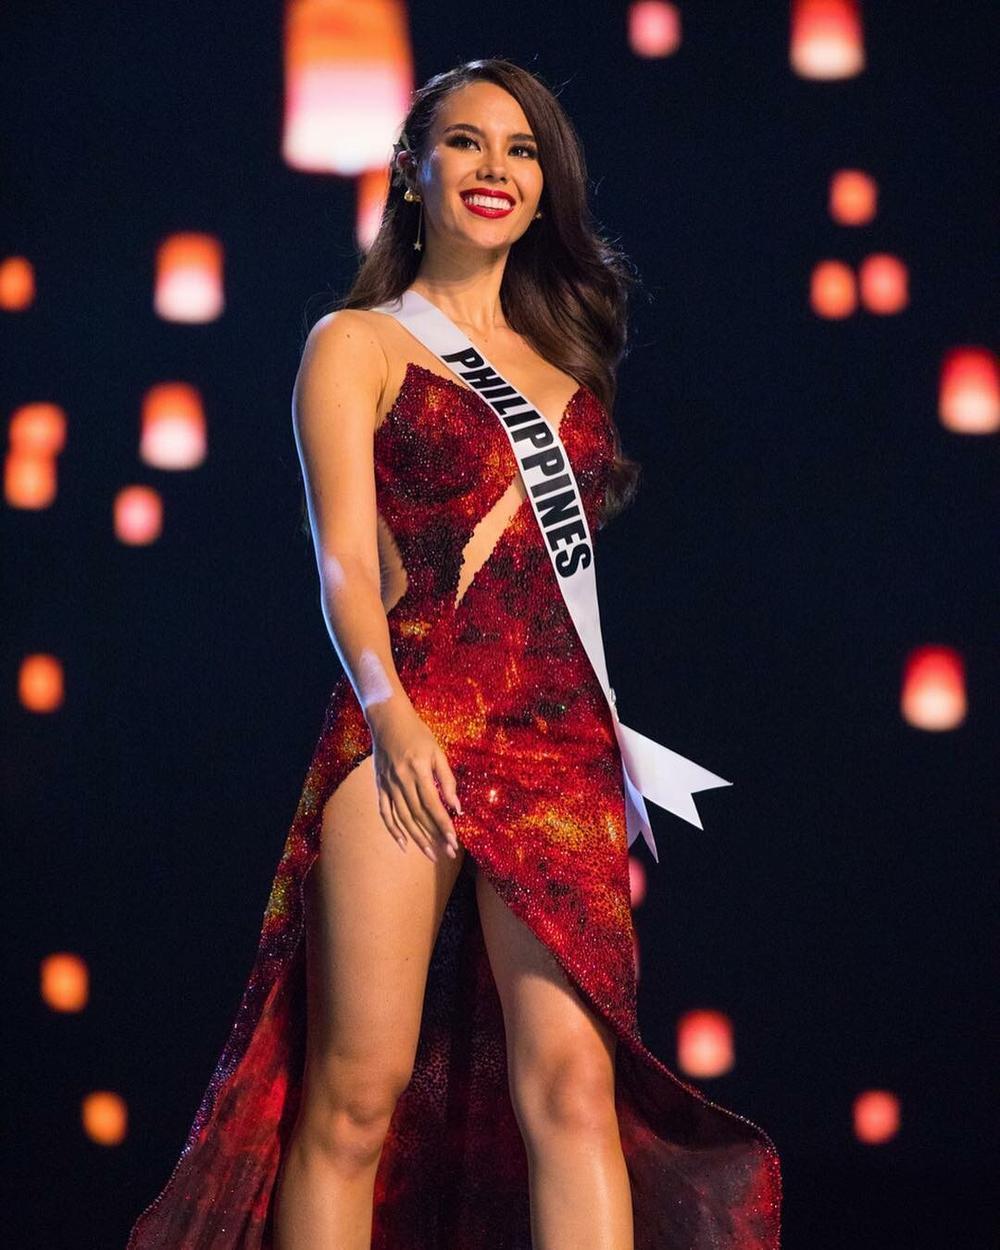 8 chủ đề hùng biện cực gắt cho Top 5 Miss Universe: Khánh Vân đã sẵn sàng lan tỏa trái tim yêu thương? Ảnh 6